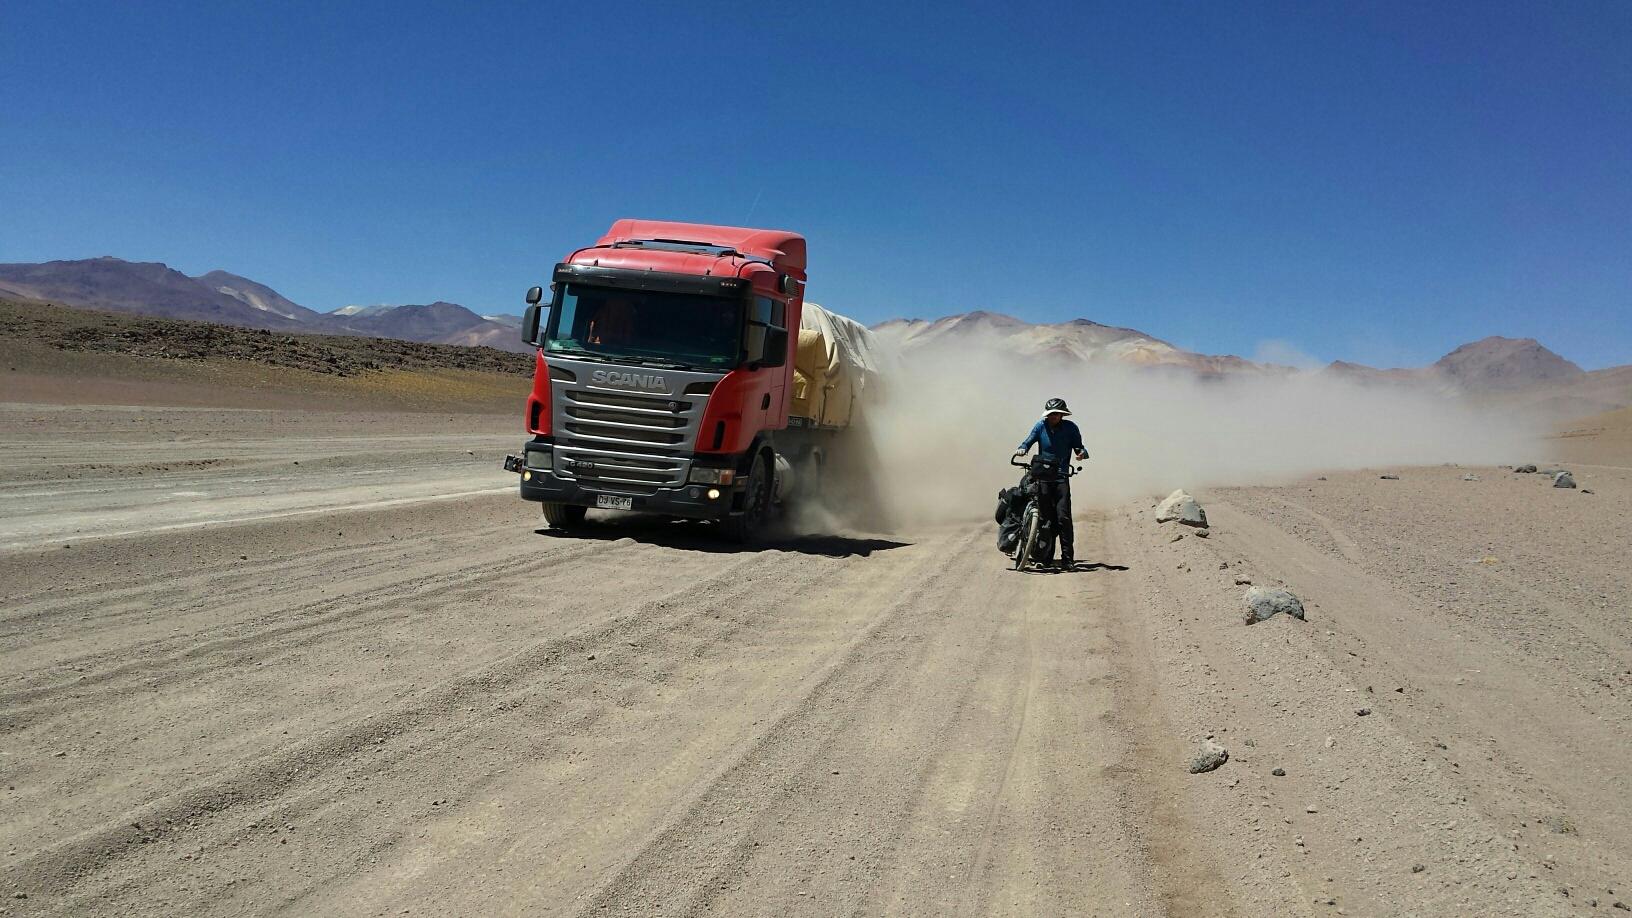 Sandy roads in Bolivia